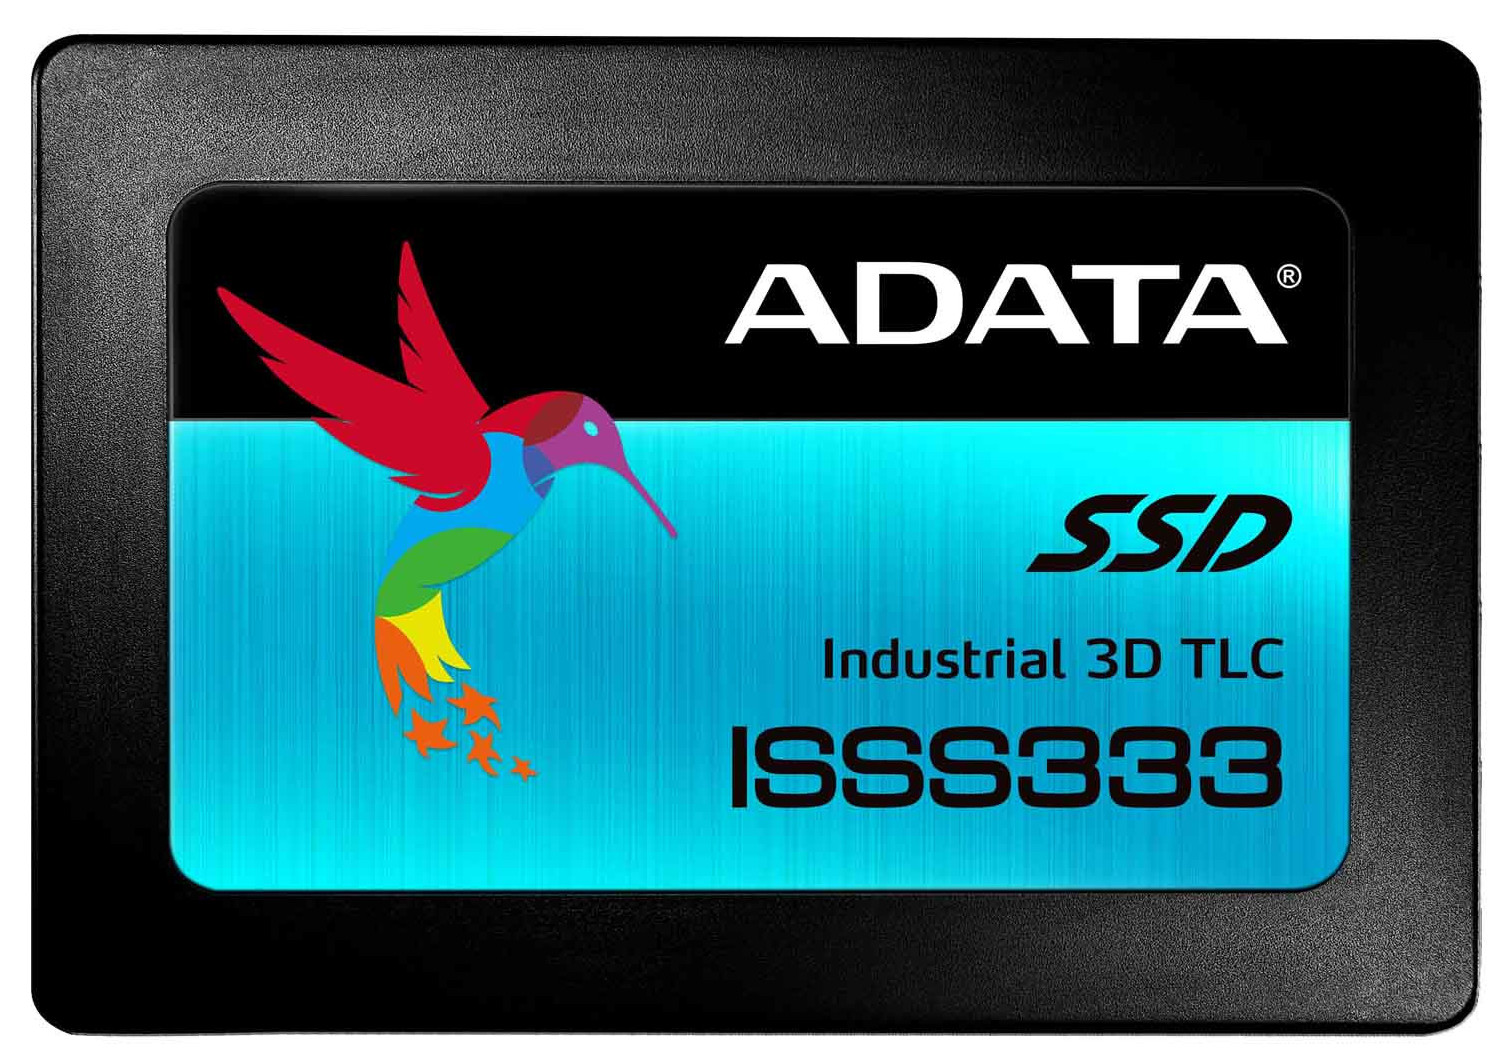 ADATA lanza los SSDs ISSS333 para el entorno industrial